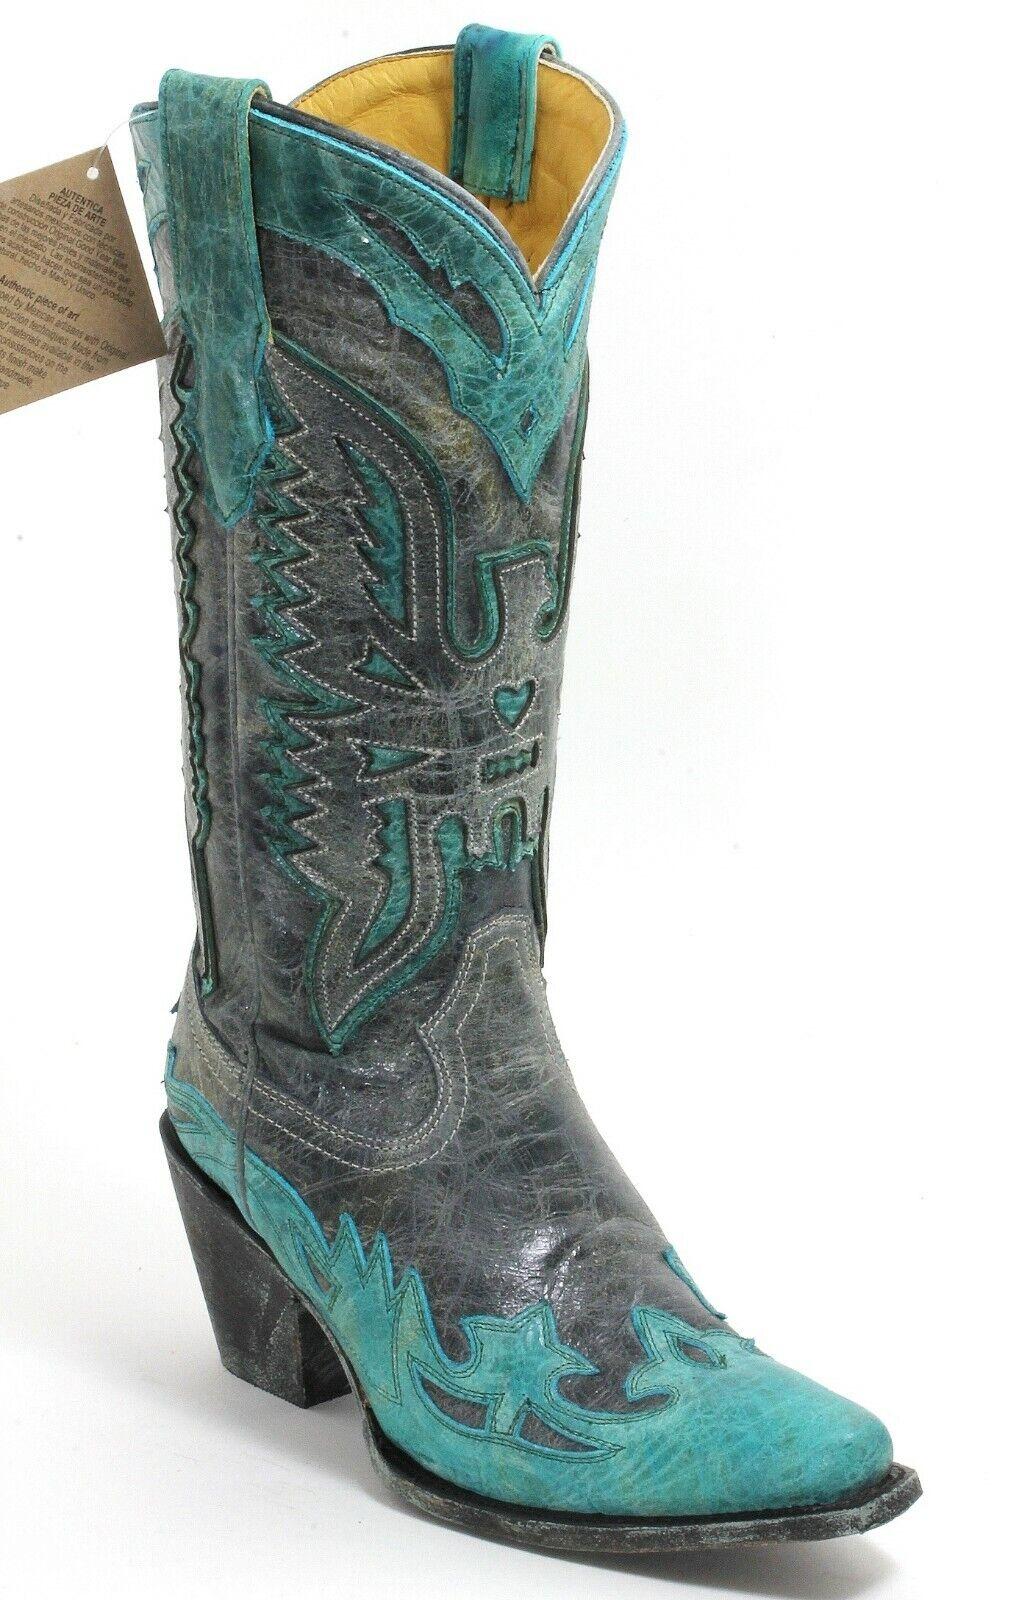 consegna e reso gratuiti 245 Cowboy Stivali Stivali Western Texas branco Catalan STYLE STIVALI STIVALI STIVALI FASHION 39  promozioni di sconto